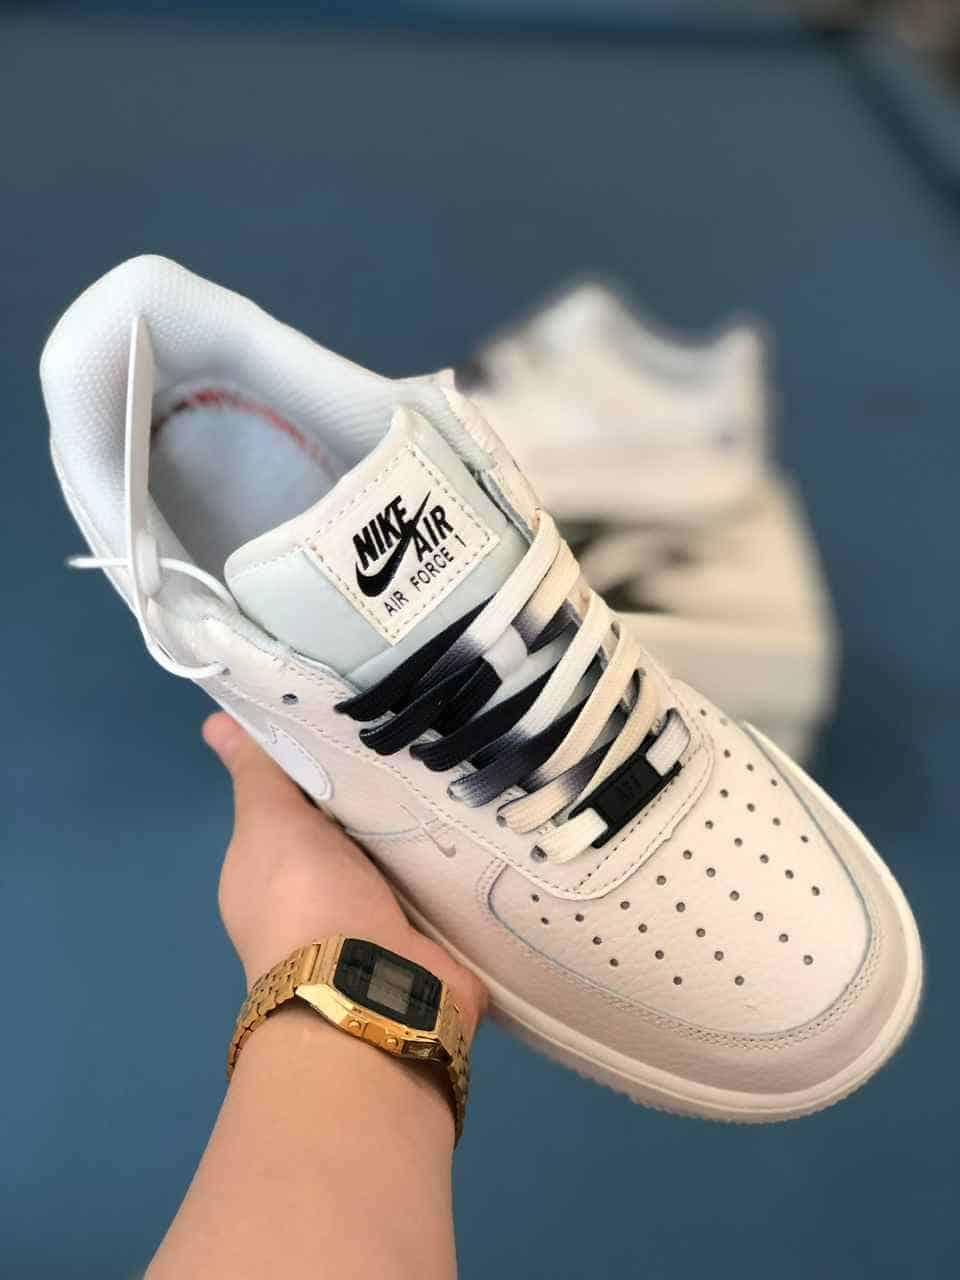 Dây giày Nike Air Force 1 sử dụng cách phối màu đen - be sữa độc lạ